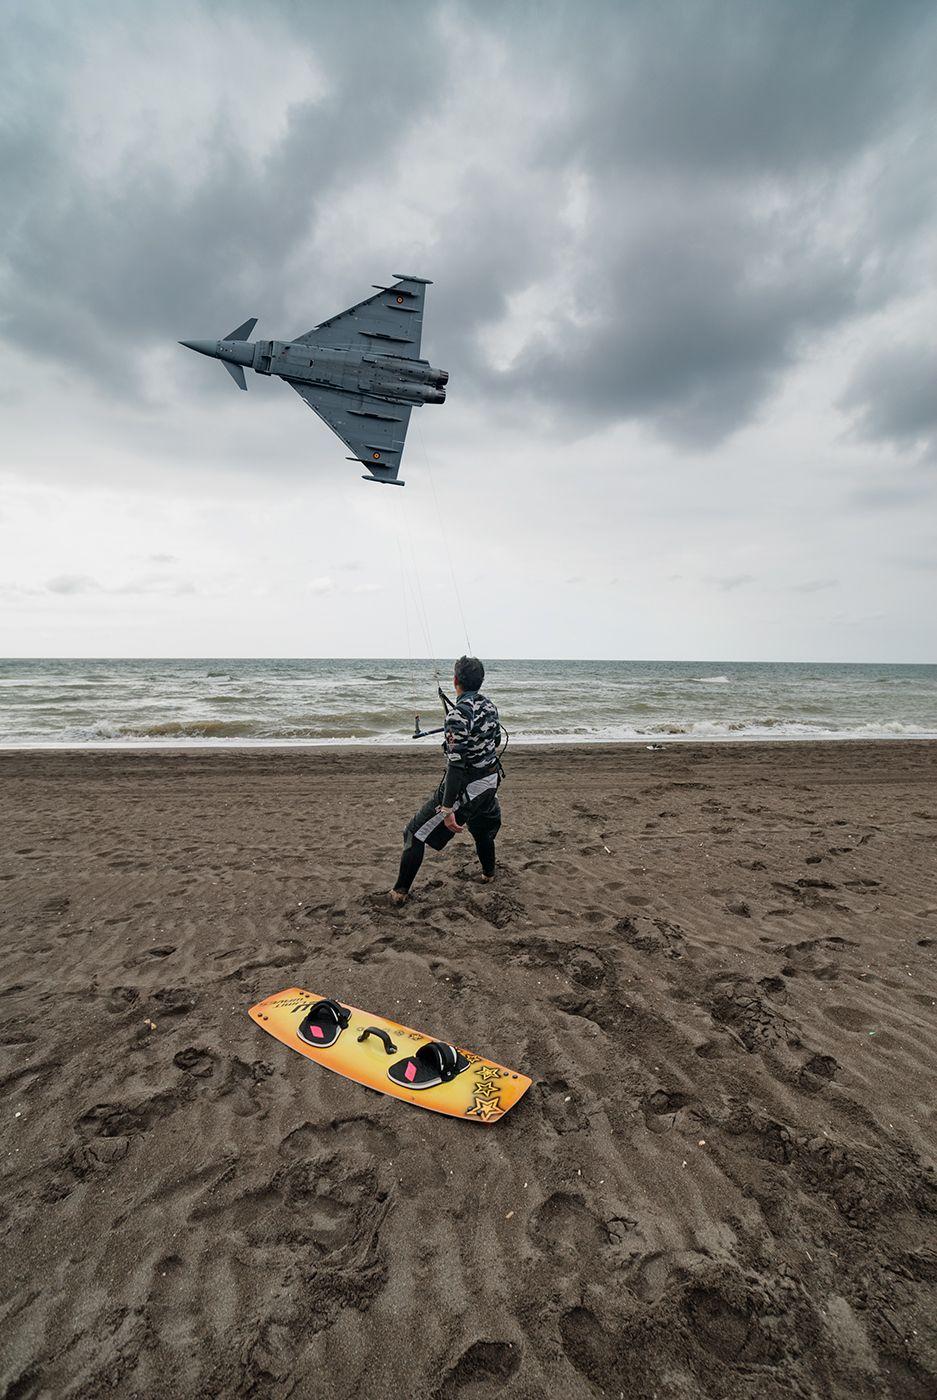 El kitesurf o kitesurfing